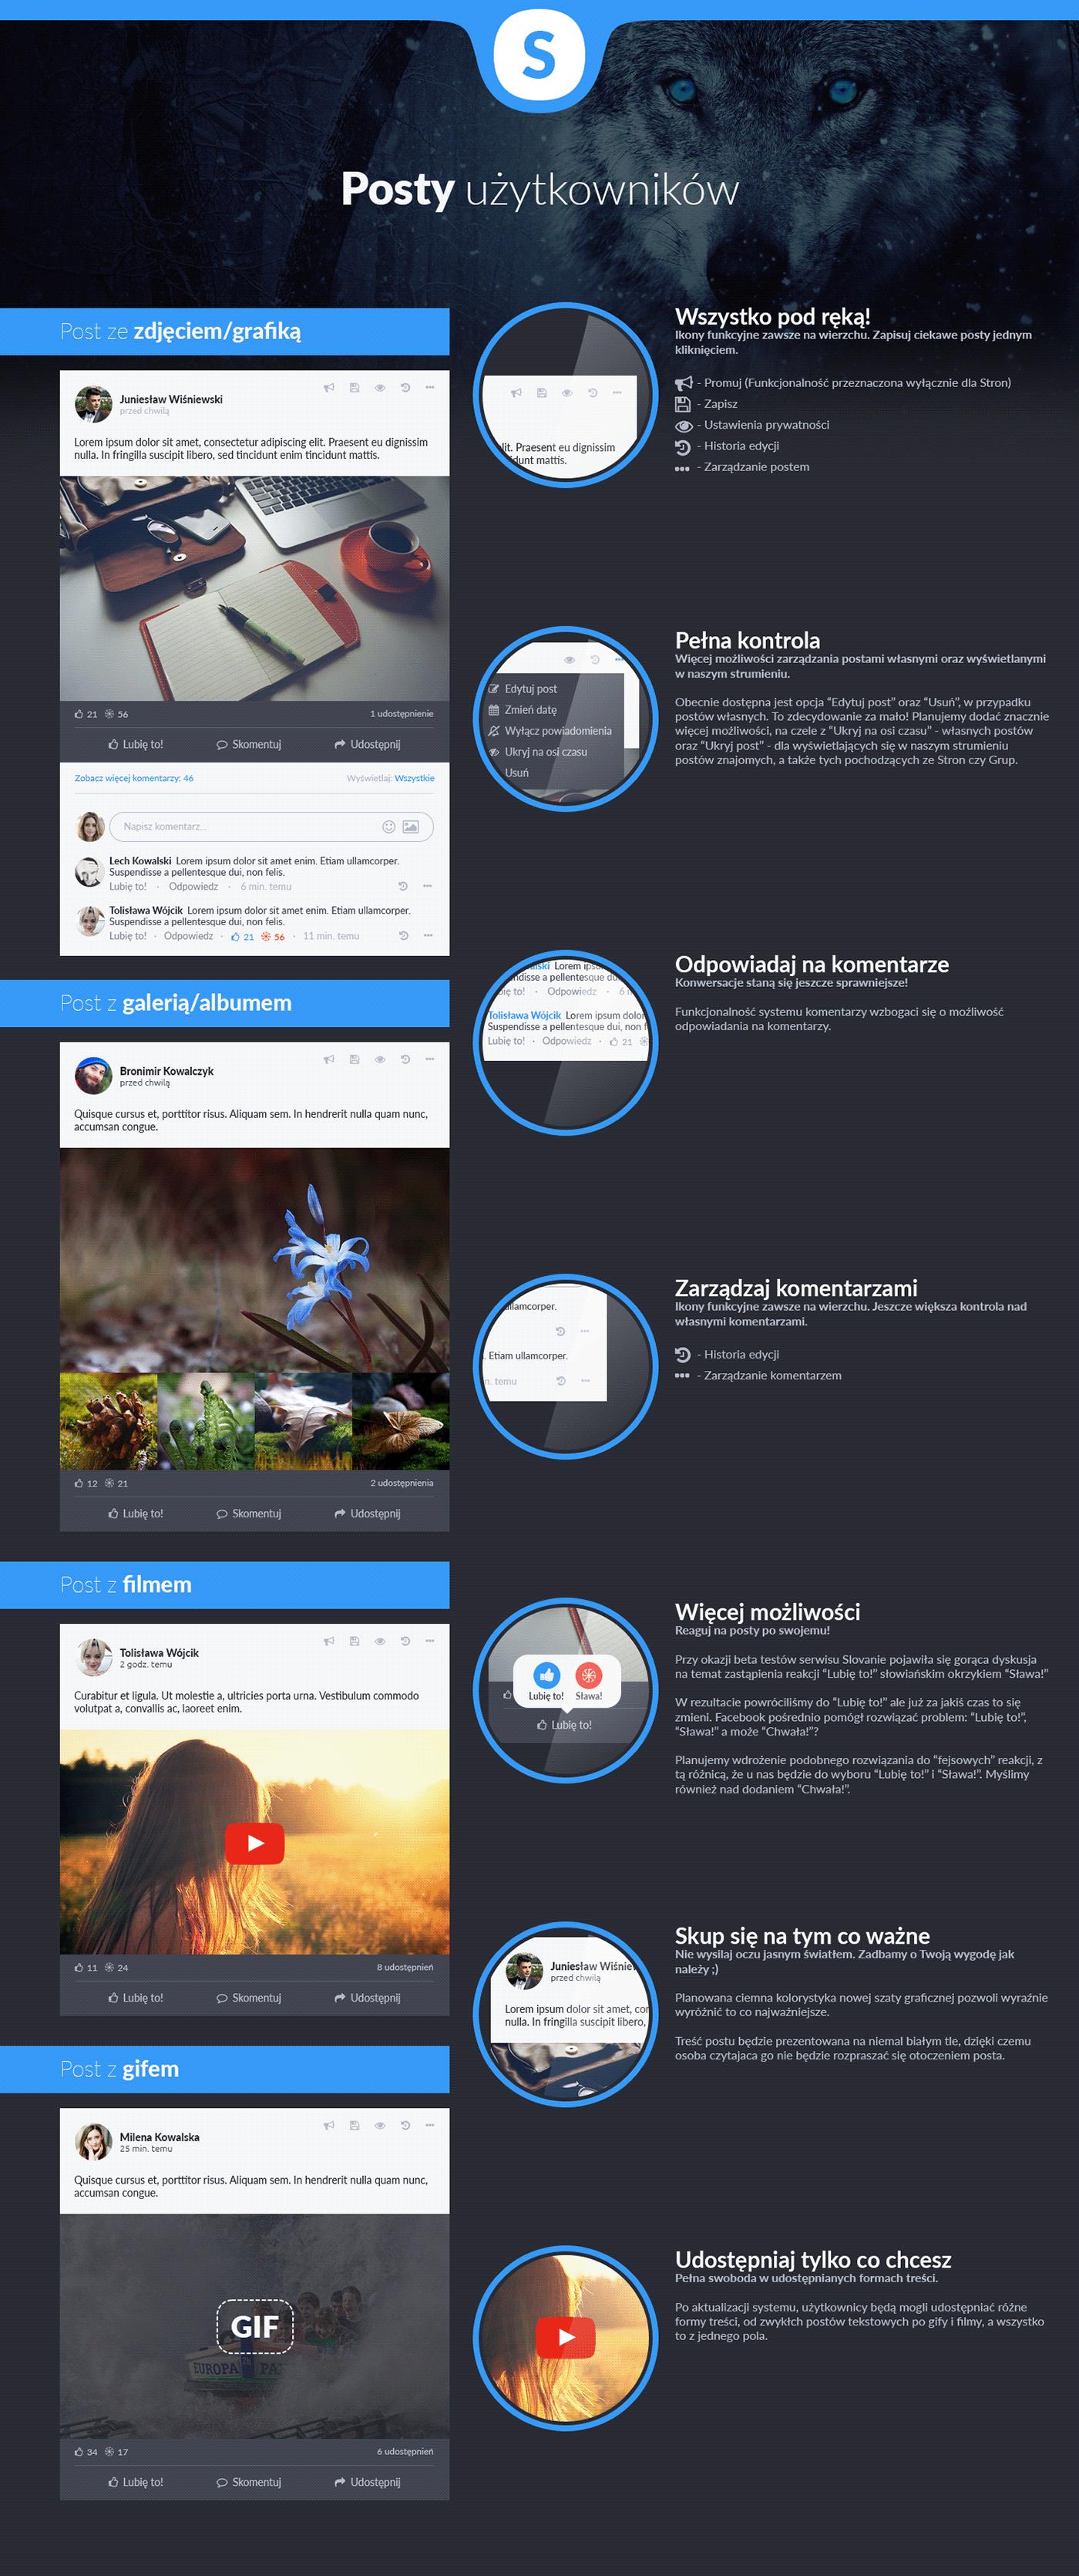 Slovanie Socialmedia socialnetwork social